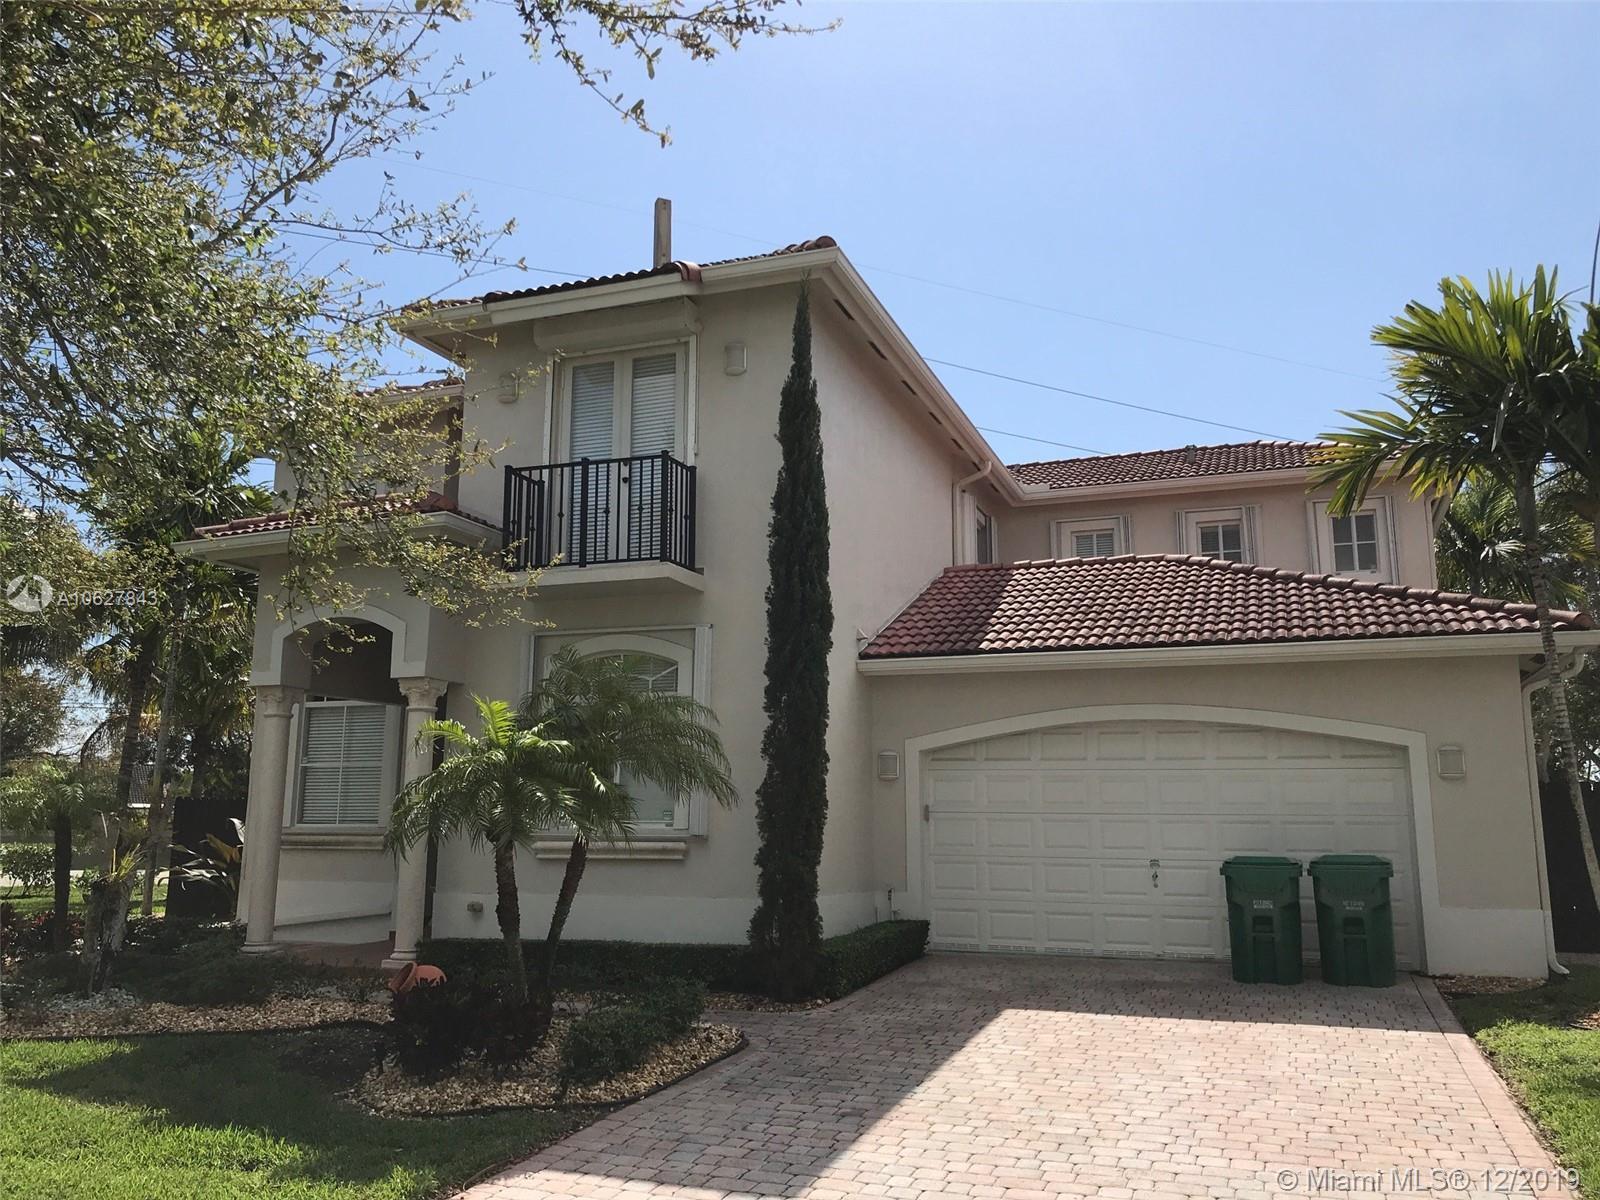 8400 SW 199th St, Miami, FL 33189